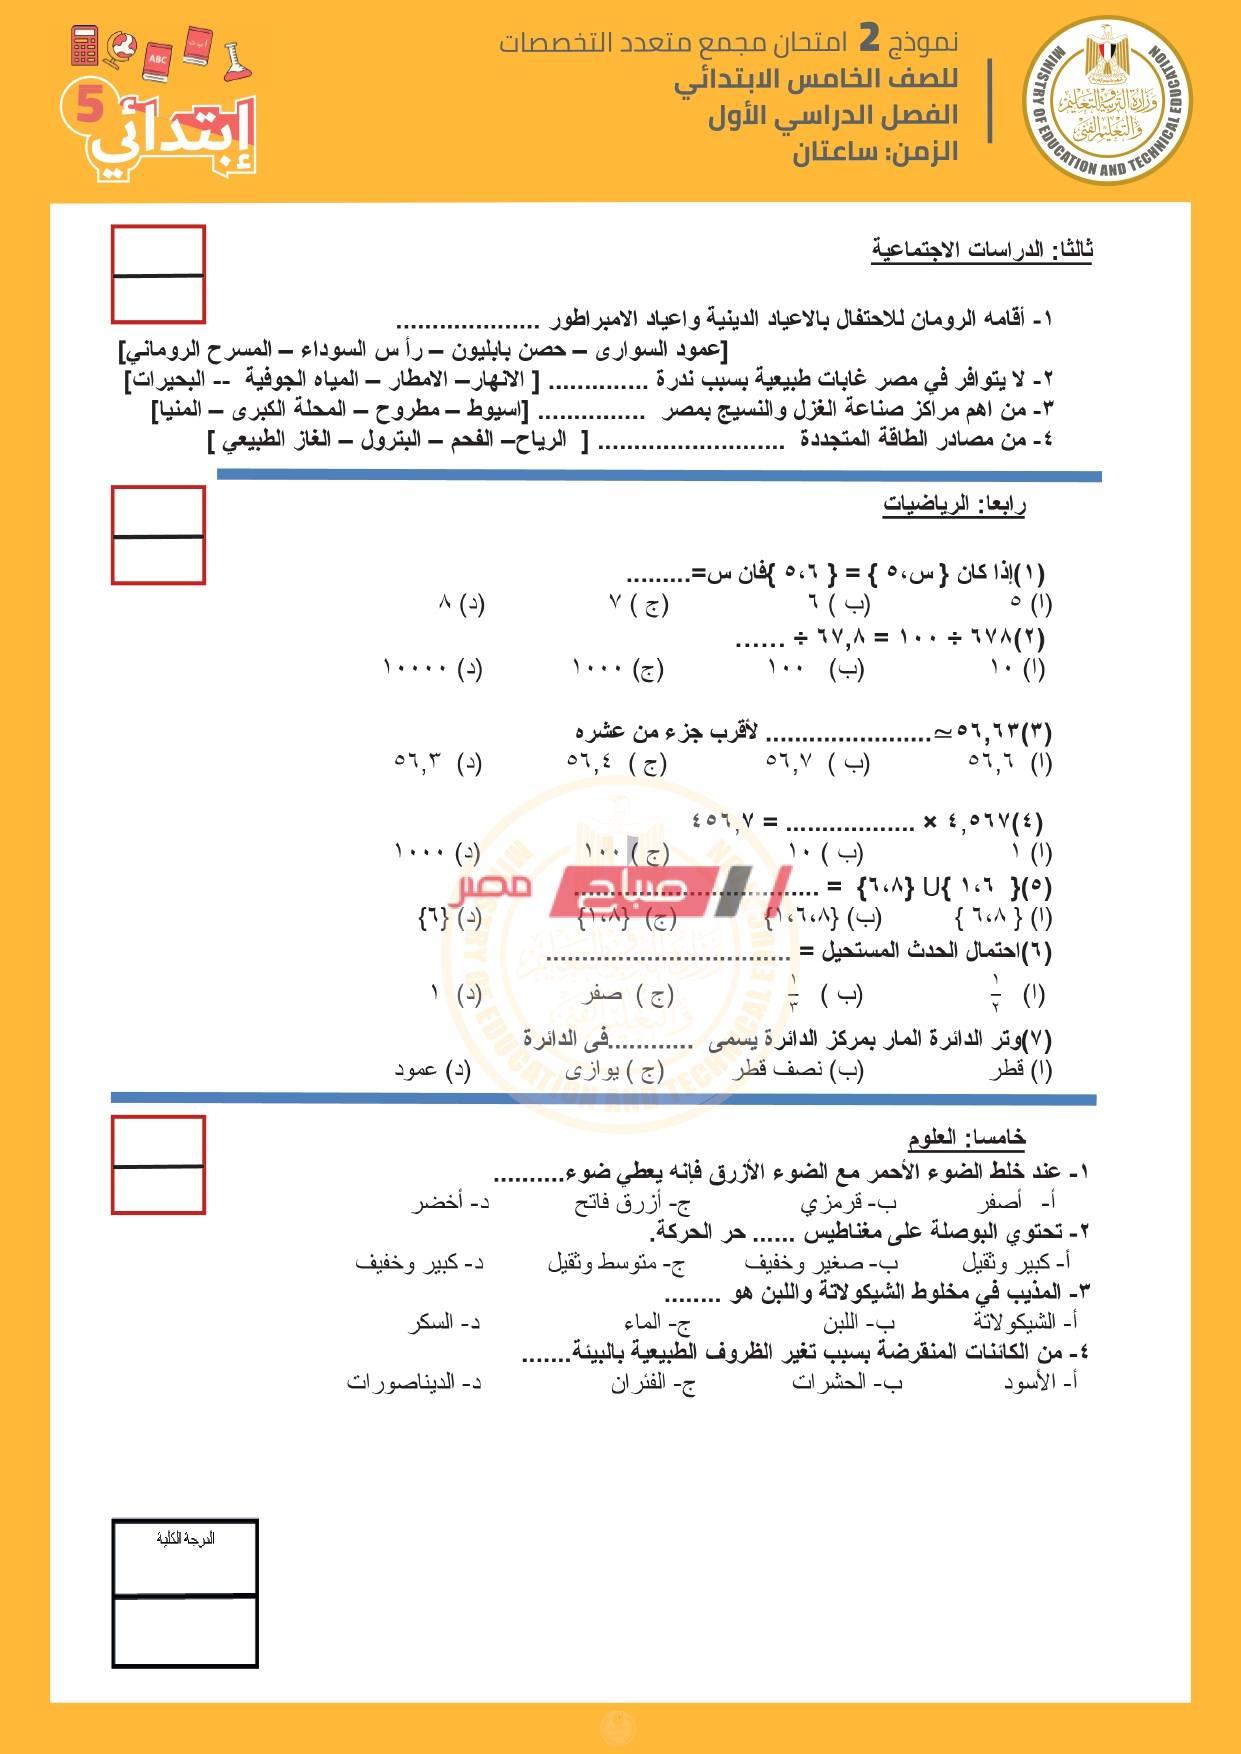 نماذج استرشادية الصف الخامس الإبتدائي